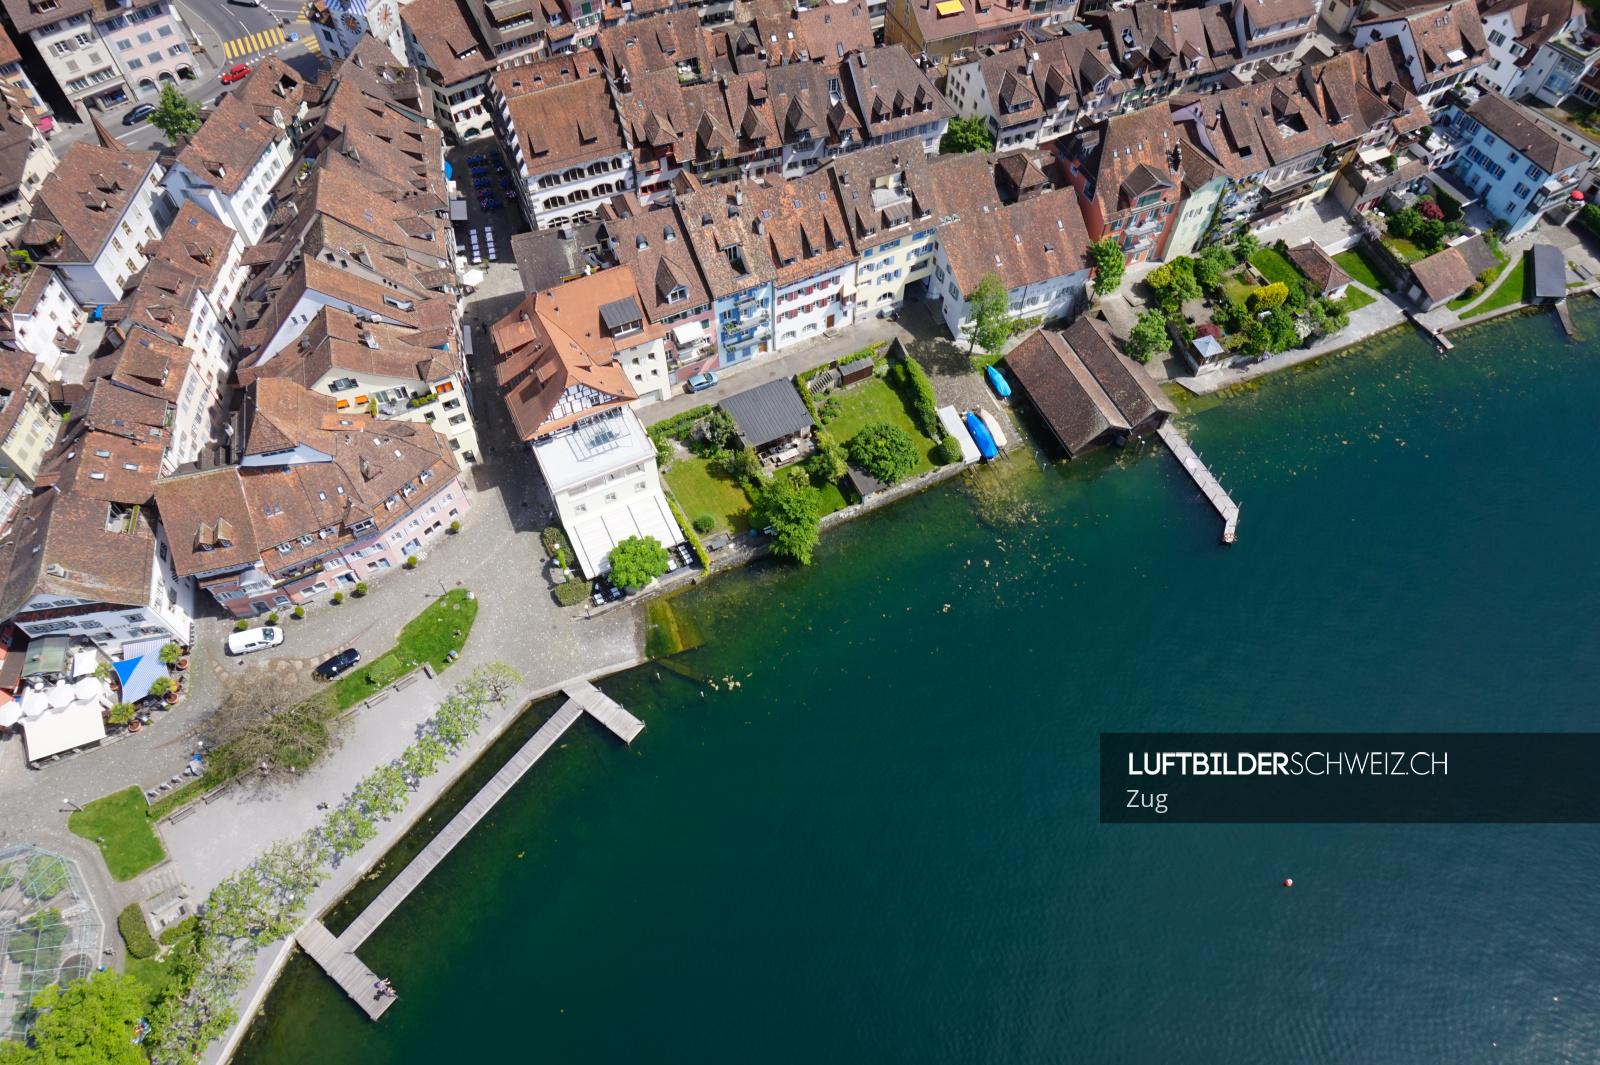 Luftbild zug seestrasse fischmarkt luftbilder schweiz for Fischmarkt zug